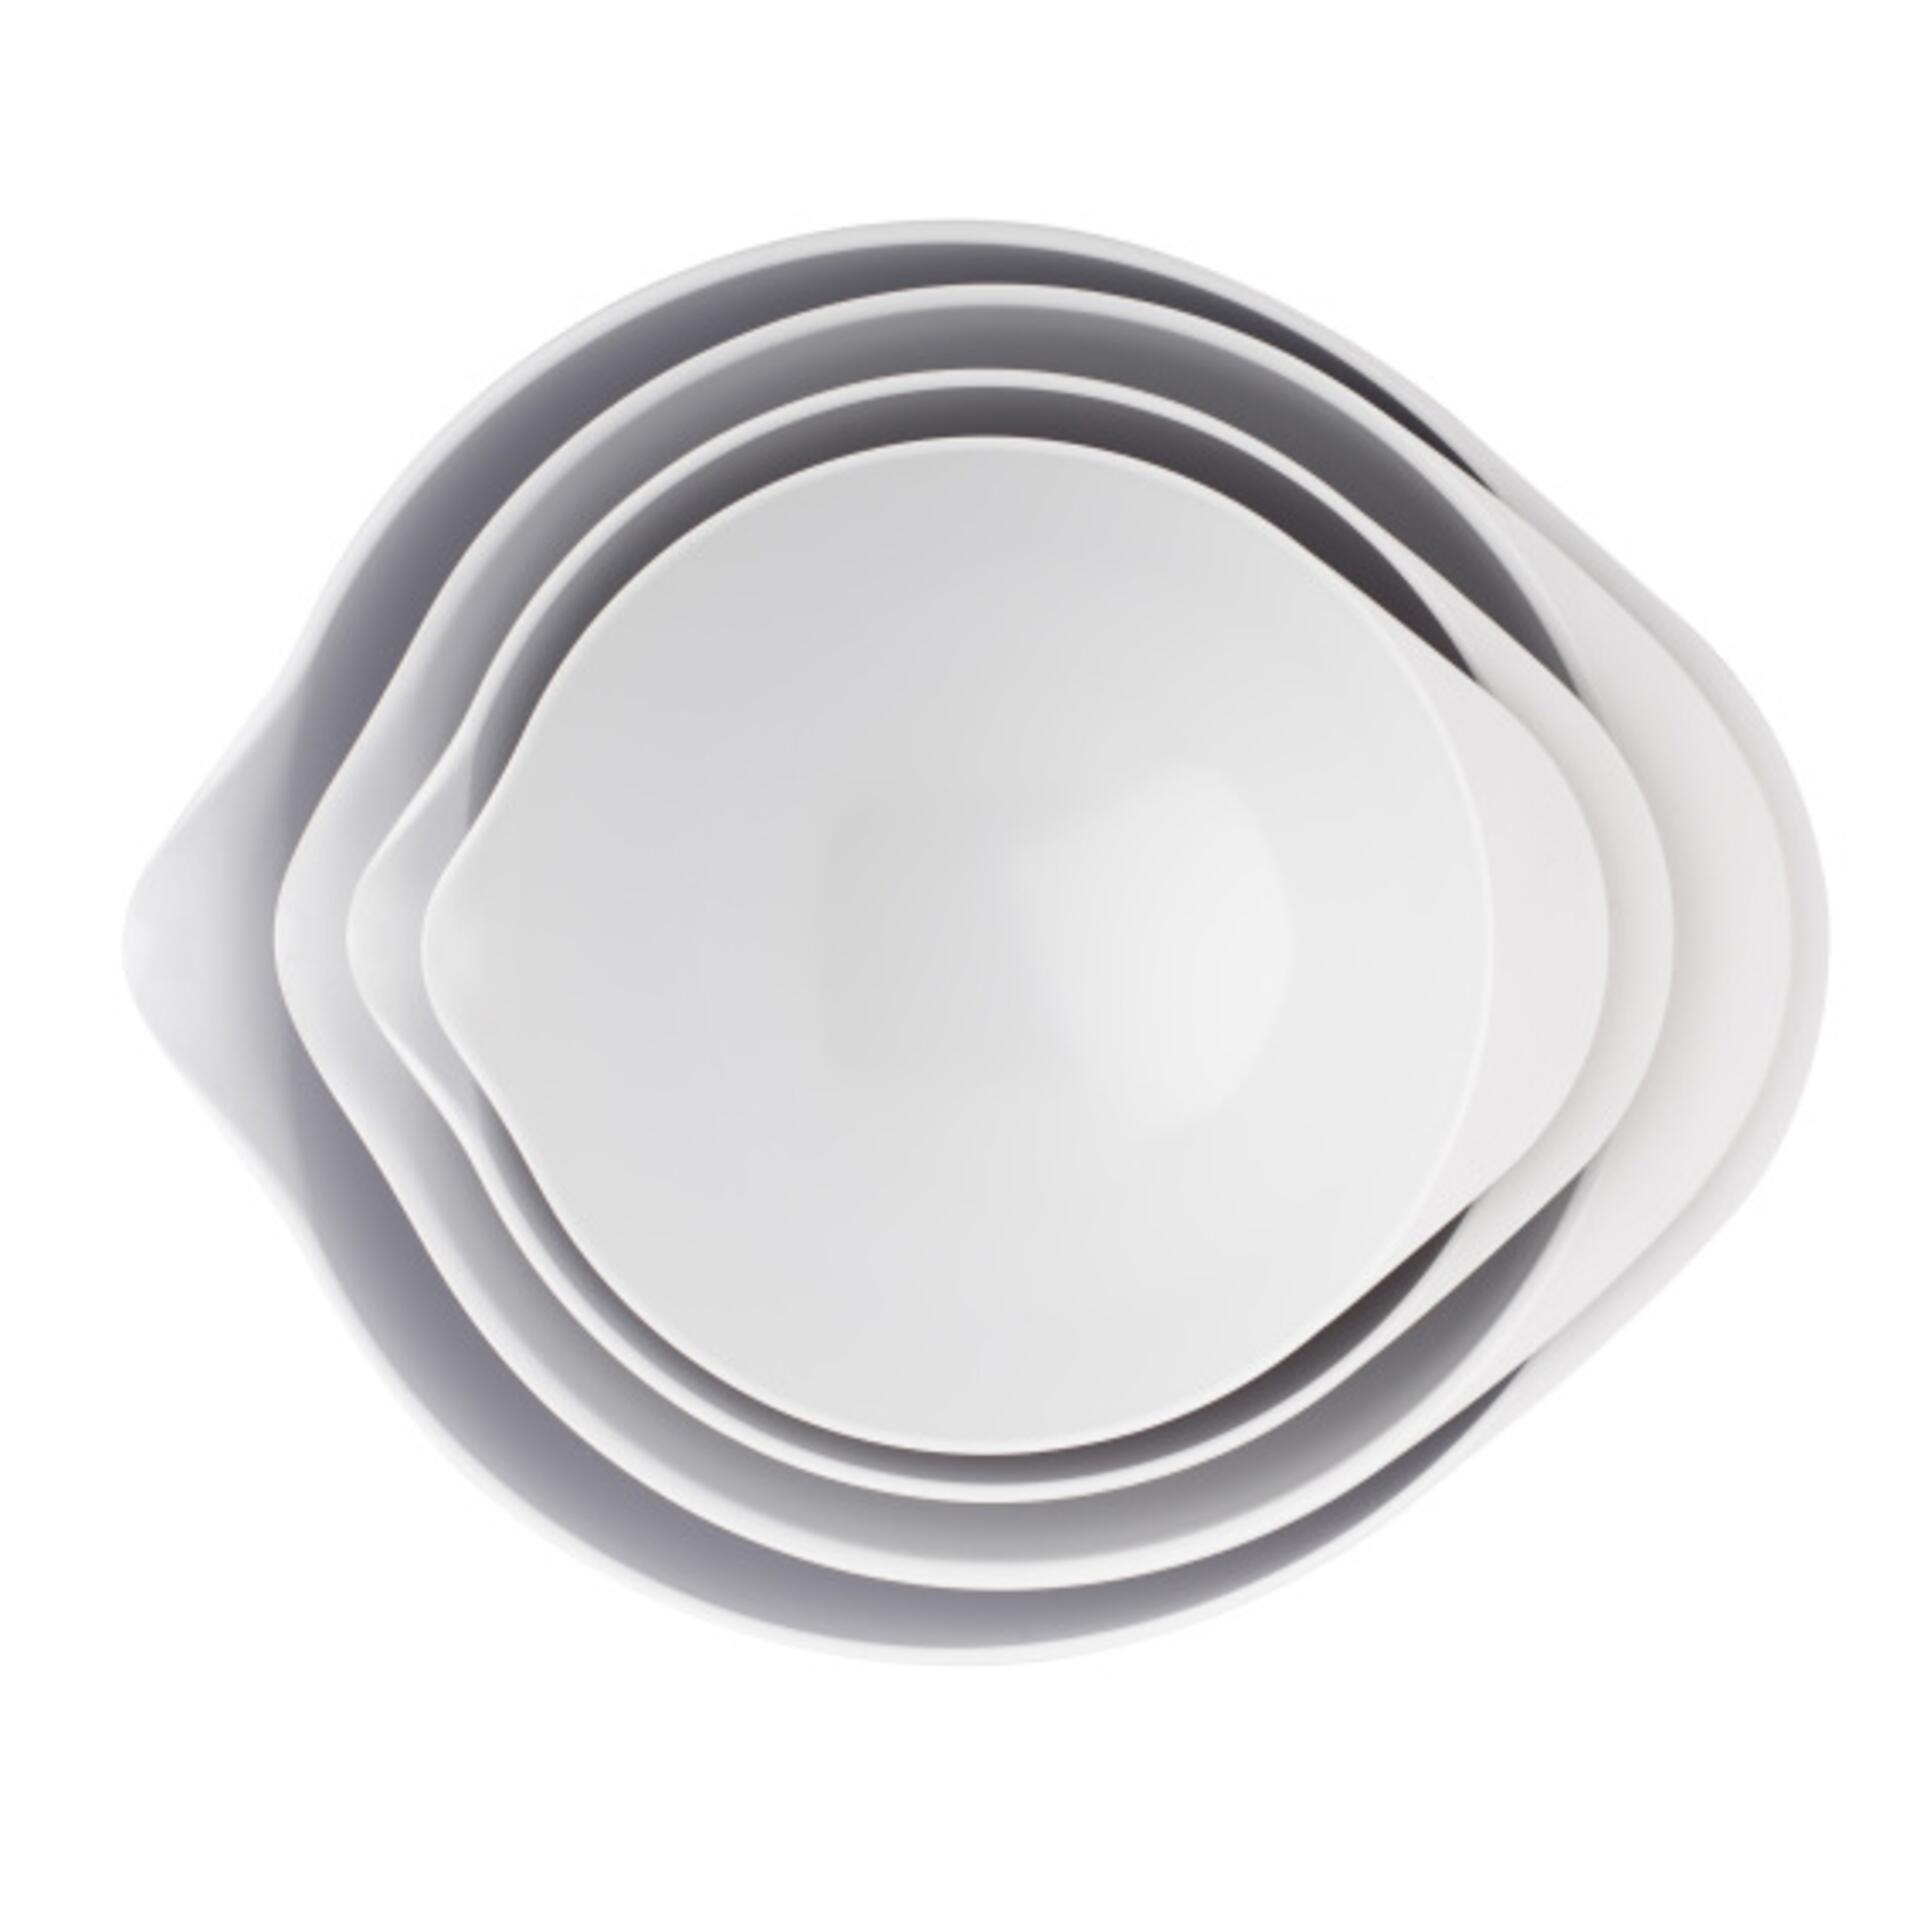 Rosti Mepal Margrethe Rührschüssel 4,0 l Weiß